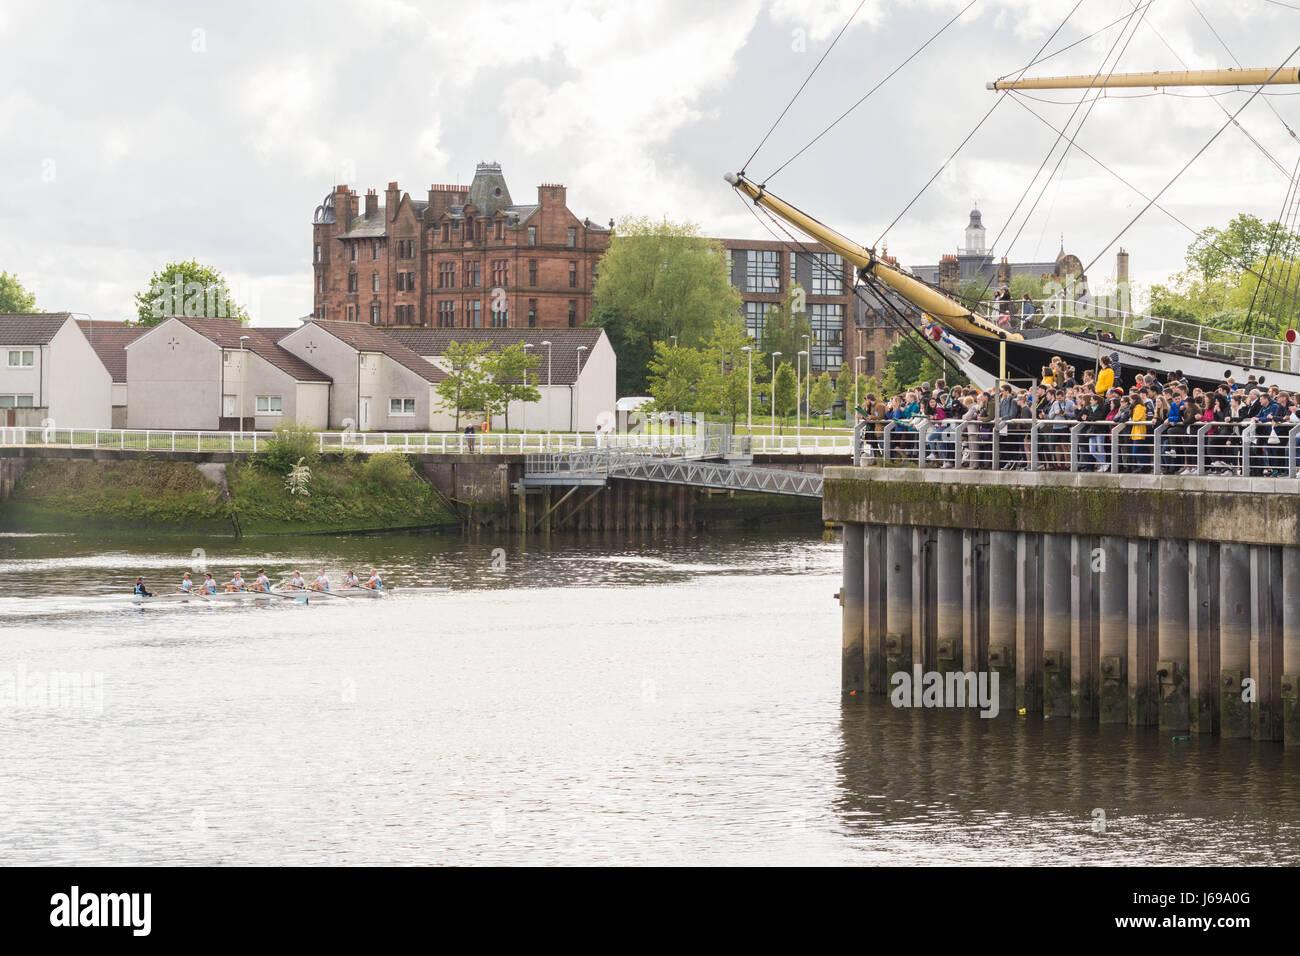 Glasgow, Schottland. 20. Mai 2017. UK-Wetter - strahlender Sonnenschein, Wolken und Duschen im Riverside Museum Stockbild